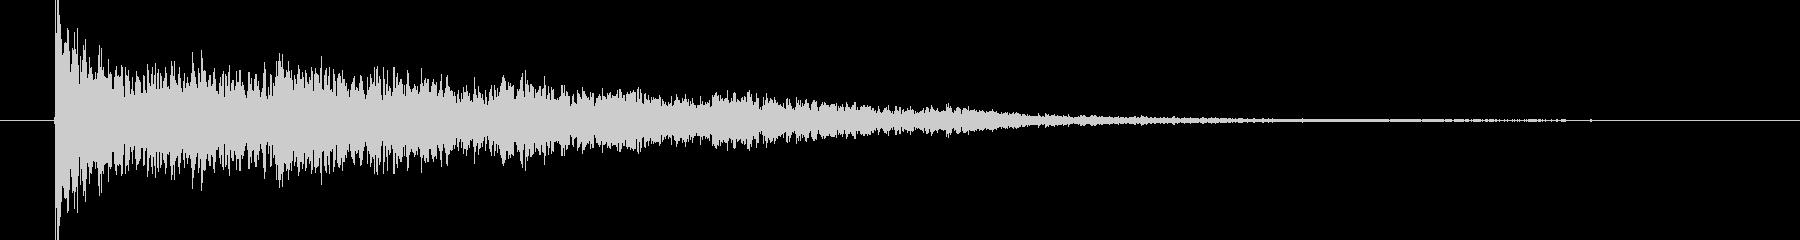 ピュン(銃声)の未再生の波形